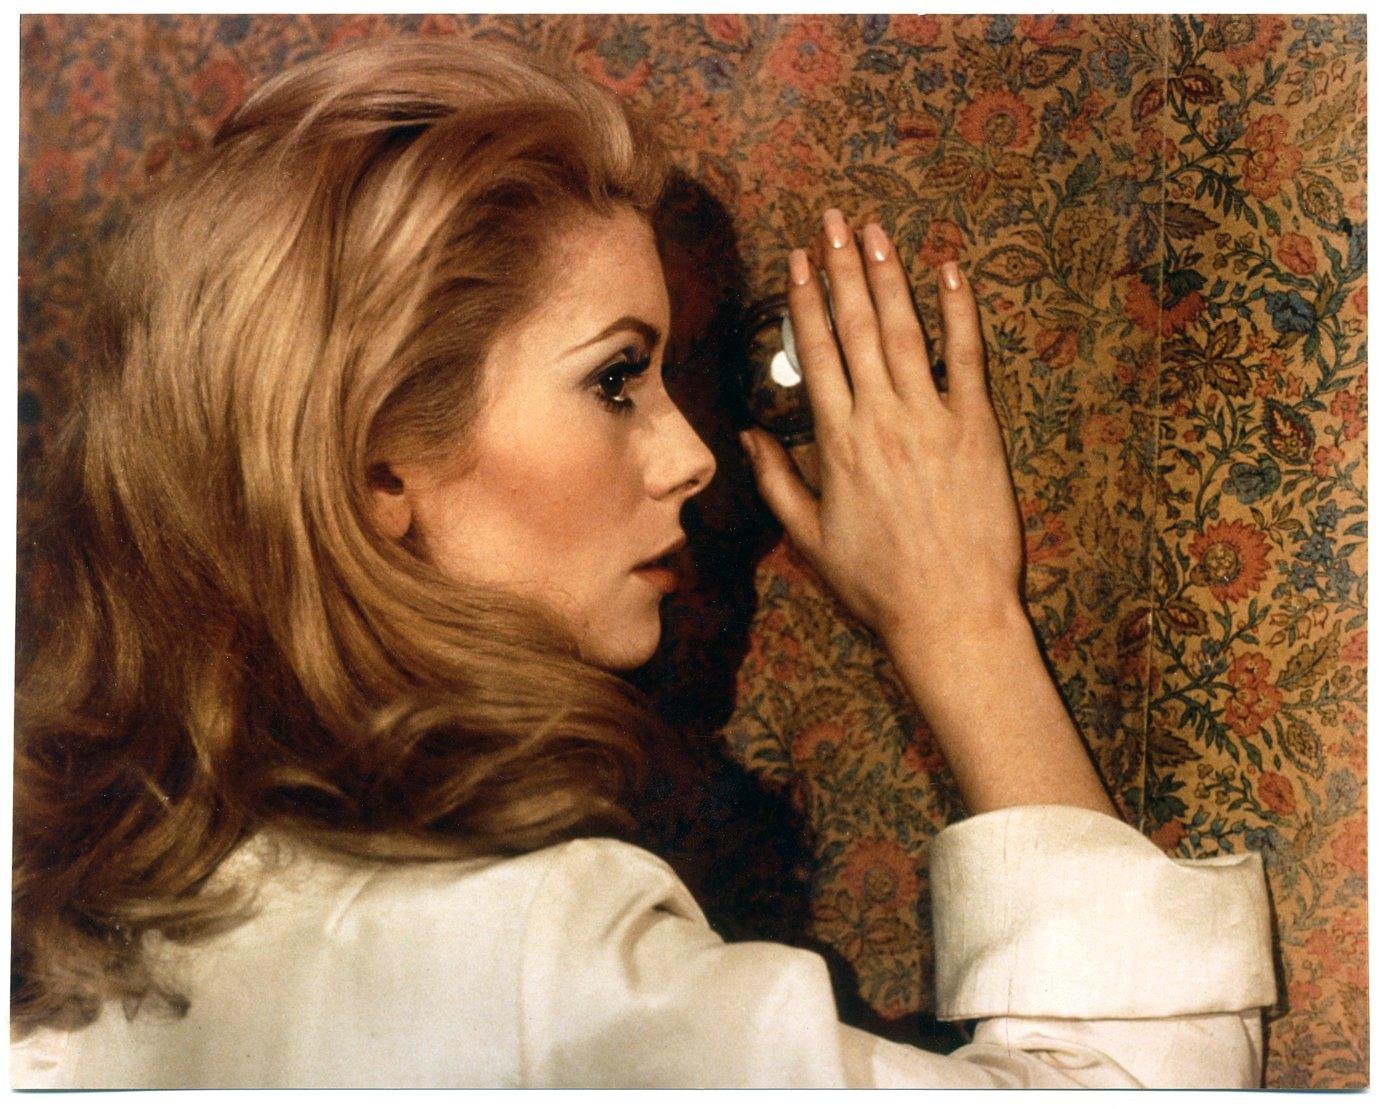 Amazon.com: Belle de jour (The Criterion Collection) [Blu-ray]: Catherine  Deneuve, Jean Sorel, Michel Piccoli, Geneviéve Page, Luis Buñuel: Movies &  TV